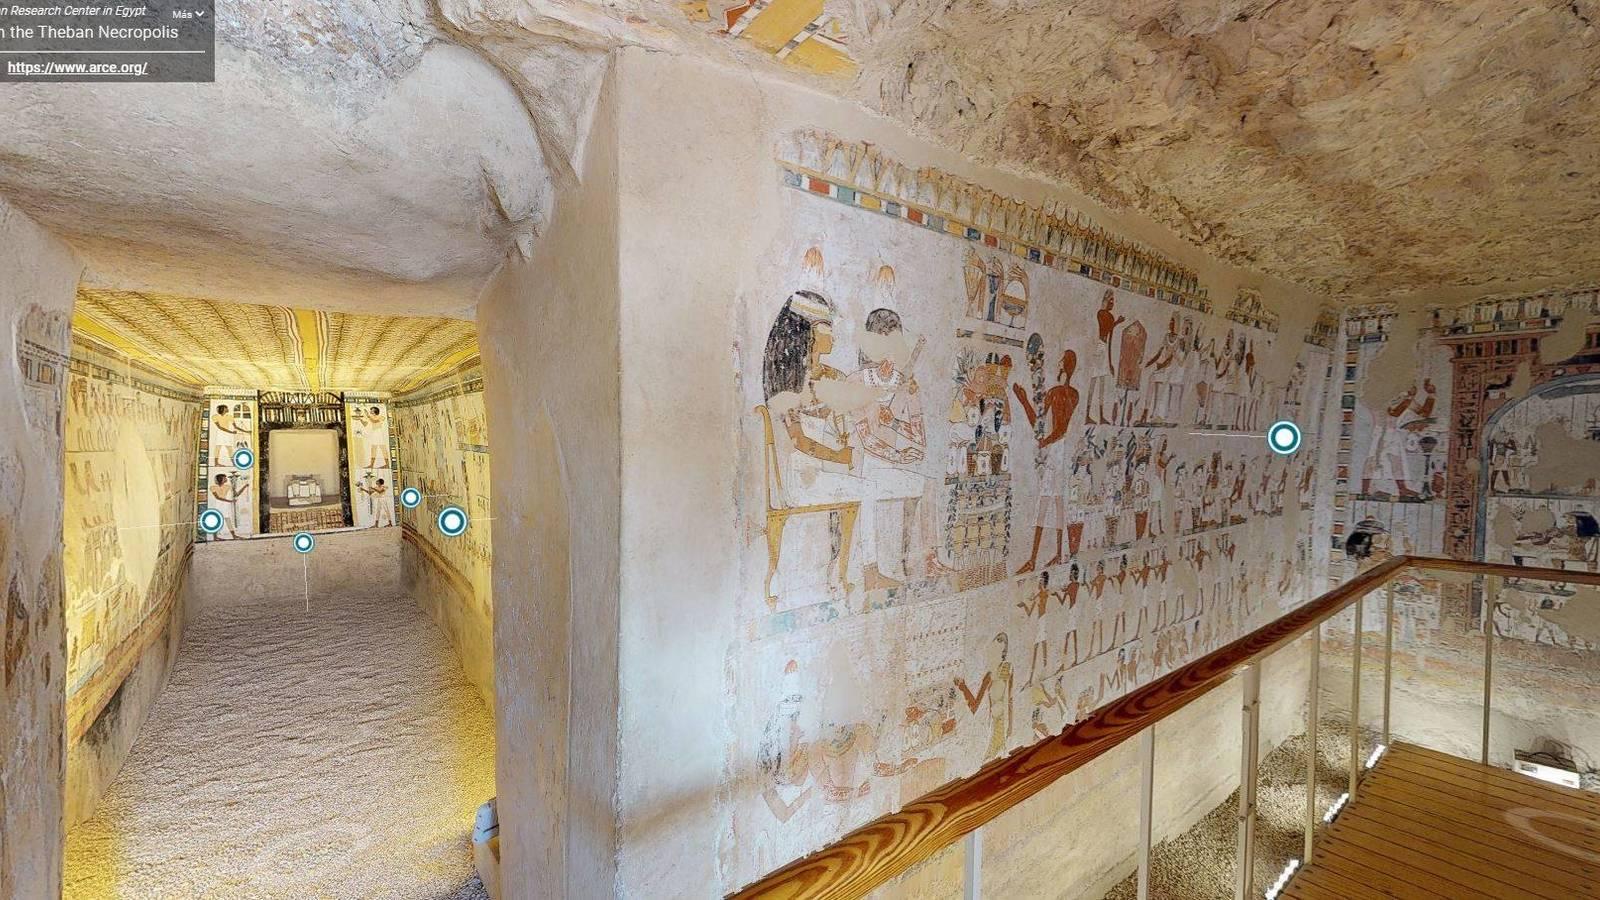 Lanzan recorridos virtuales por las maravillas del Antiguo Egipto